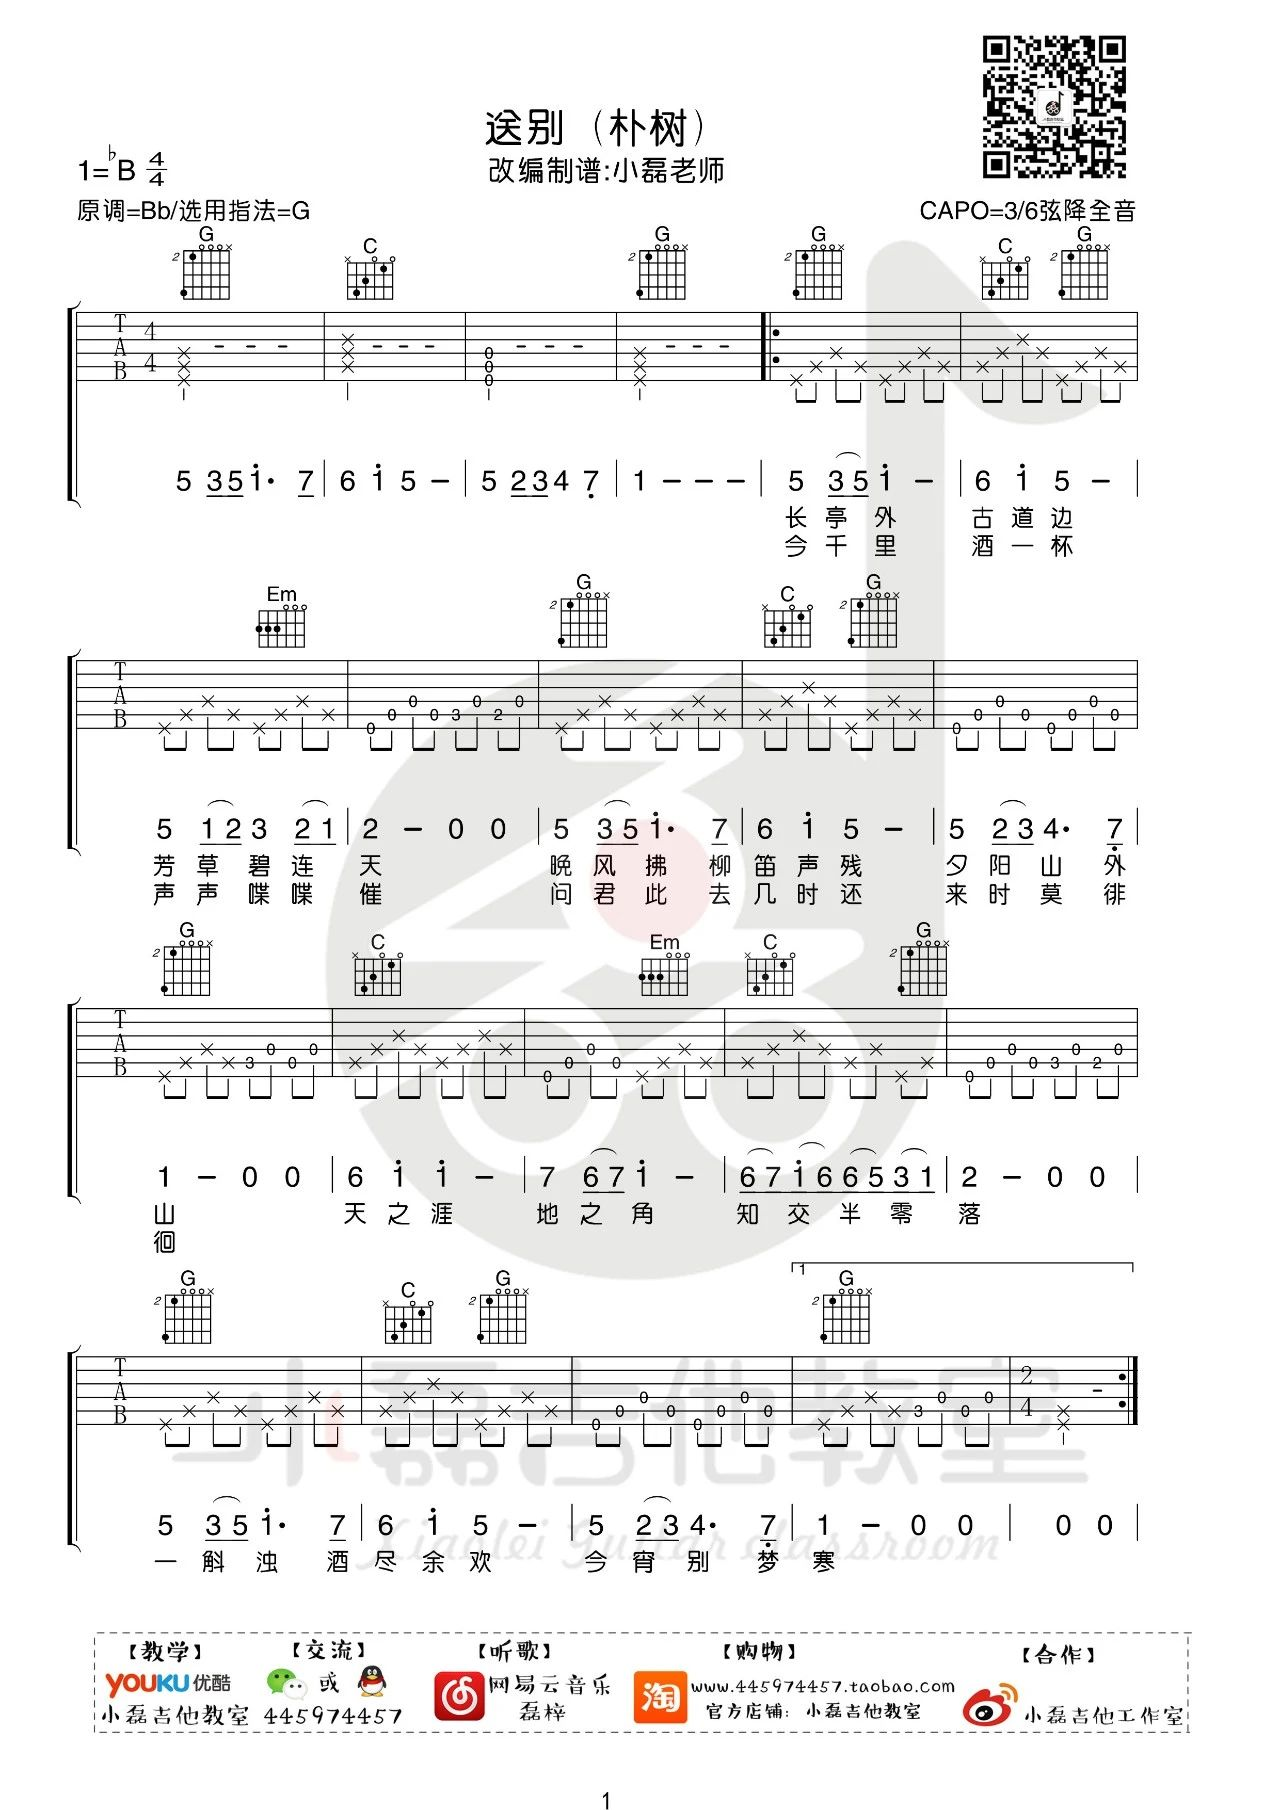 吉他派《送别》吉他谱-1